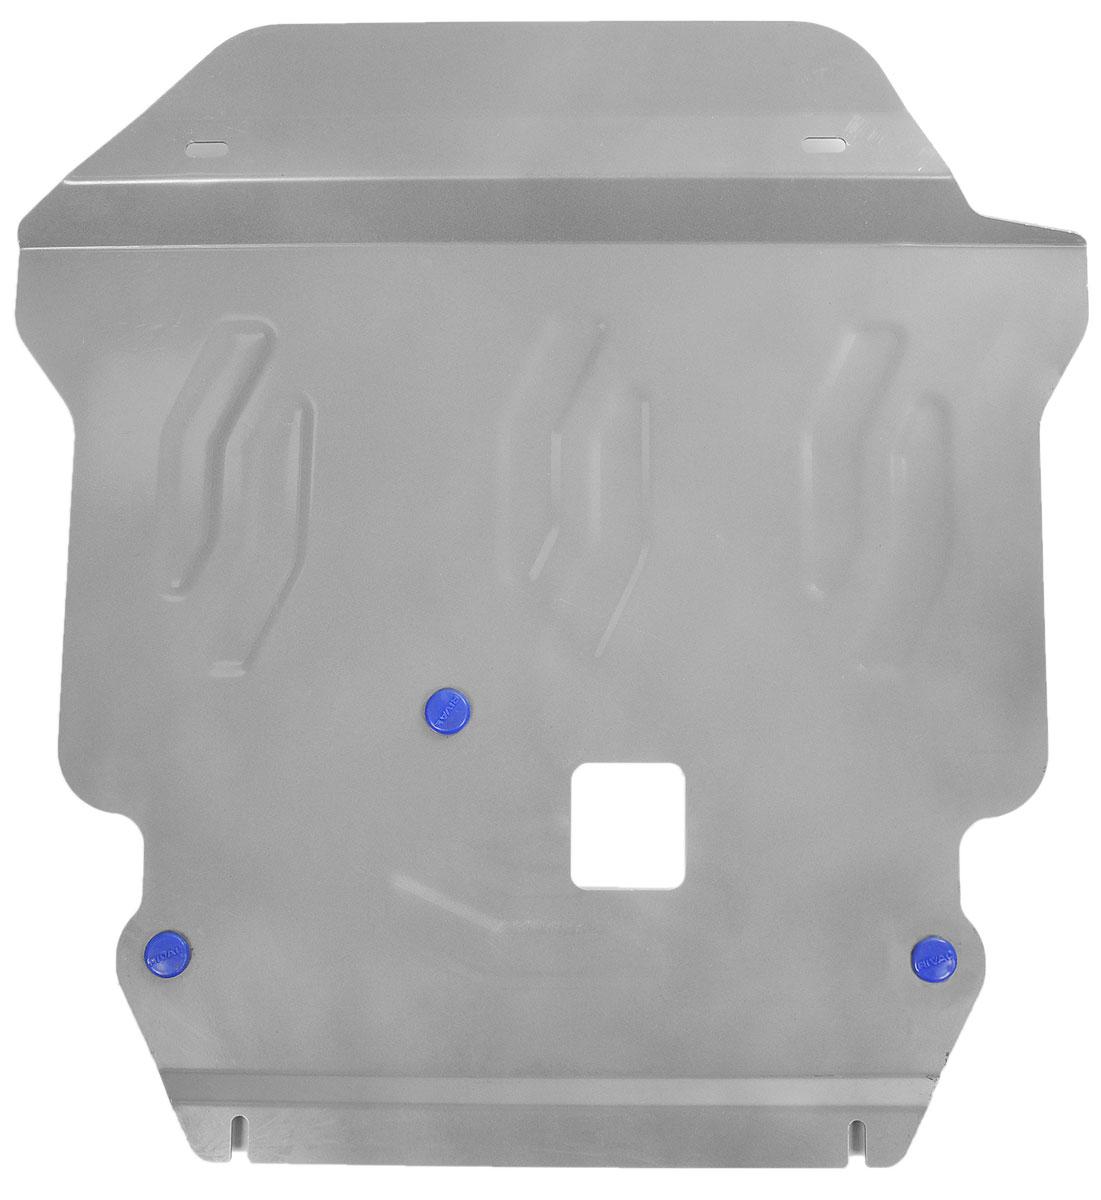 Защита картера и КПП Rival, для Dodge Journey333.1501.1Защита картера и КПП для Dodge Journey , V - 3,6 2007- , крепеж в комплекте, алюминий 4 мм, Rival. Надежно защищают днище вашего автомобиля от повреждений, например при наезде на бордюры, а также выполняют эстетическую функцию при установке на высокие автомобили.- Толщина алюминиевых защит в 2 раза толще стальных, а вес при этом меньше до 30%.- Отлично отводит тепло от двигателя своей поверхностью, что спасает двигатель от перегрева в летний период или при высоких нагрузках.- В отличие от стальных, алюминиевые защиты не поддаются коррозии, что гарантирует срок службы защит более 5 лет.- Покрываются порошковой краской, что надолго сохраняет первоначальный вид новой защиты и защищает от гальванической коррозии.- Глубокий штамп дополнительно усиливает конструкцию защиты.- Подштамповка в местах крепления защищает крепеж от срезания.- Технологические отверстия там, где они необходимы для смены масла и слива воды, оборудованные заглушками, надежно закрепленными на защите.Уважаемые клиенты!Обращаем ваше внимание, на тот факт, что защита имеет форму, соответствующую модели данного автомобиля. Фото служит для визуального восприятия товара.